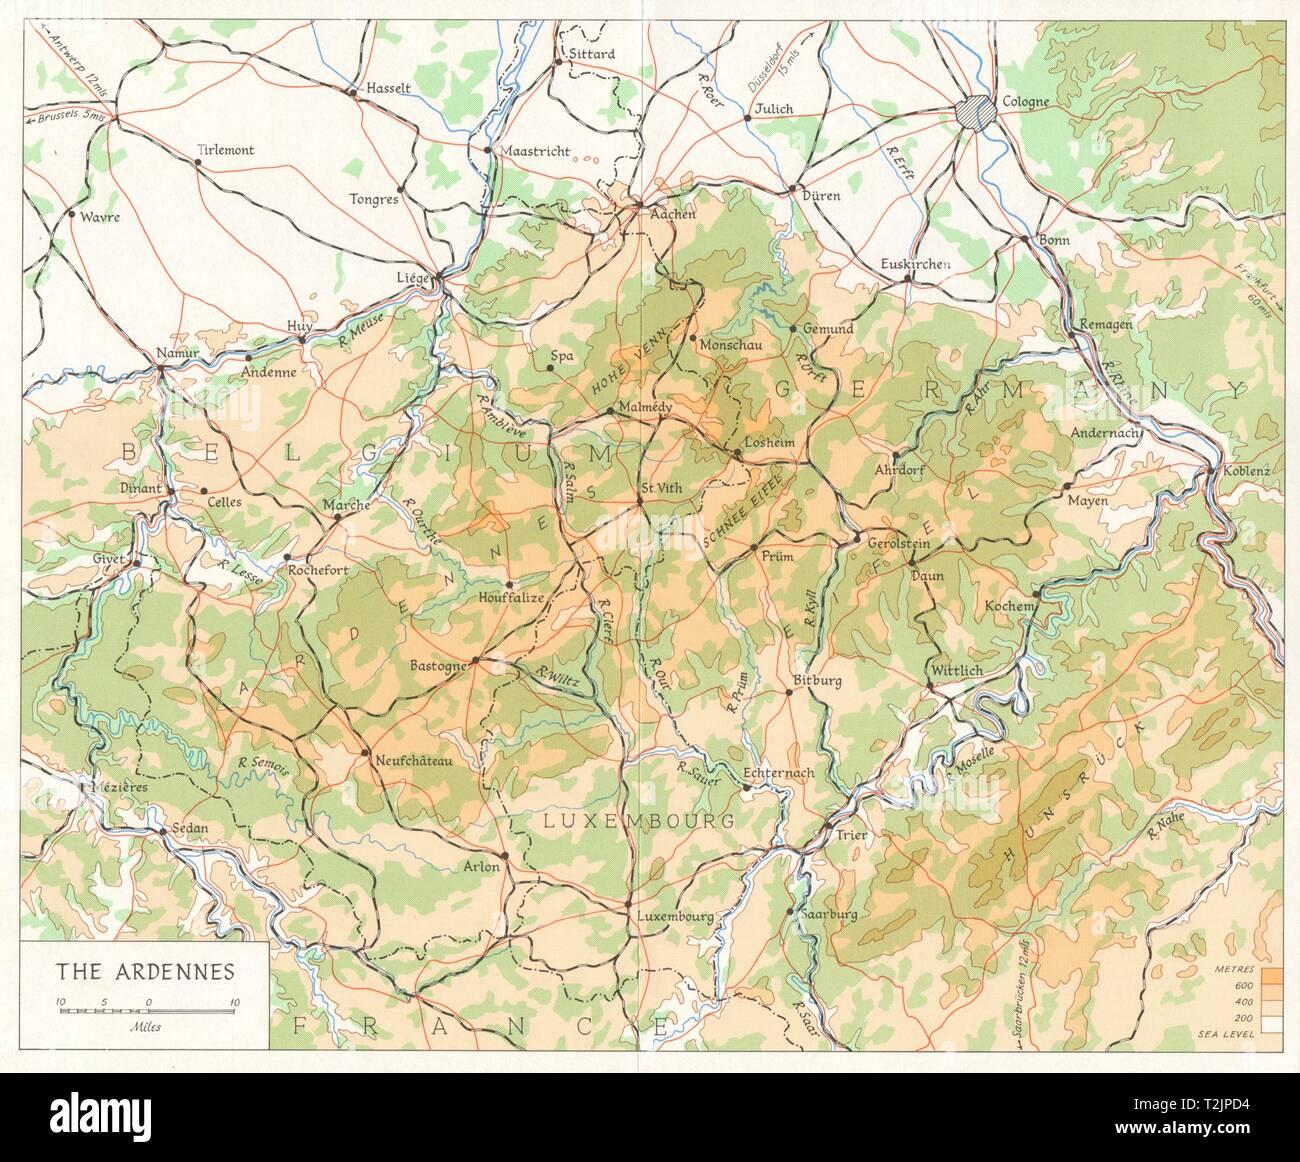 Schlacht Der Ausbuchtung Deutsche Gegenoffensive Ardennen 1944